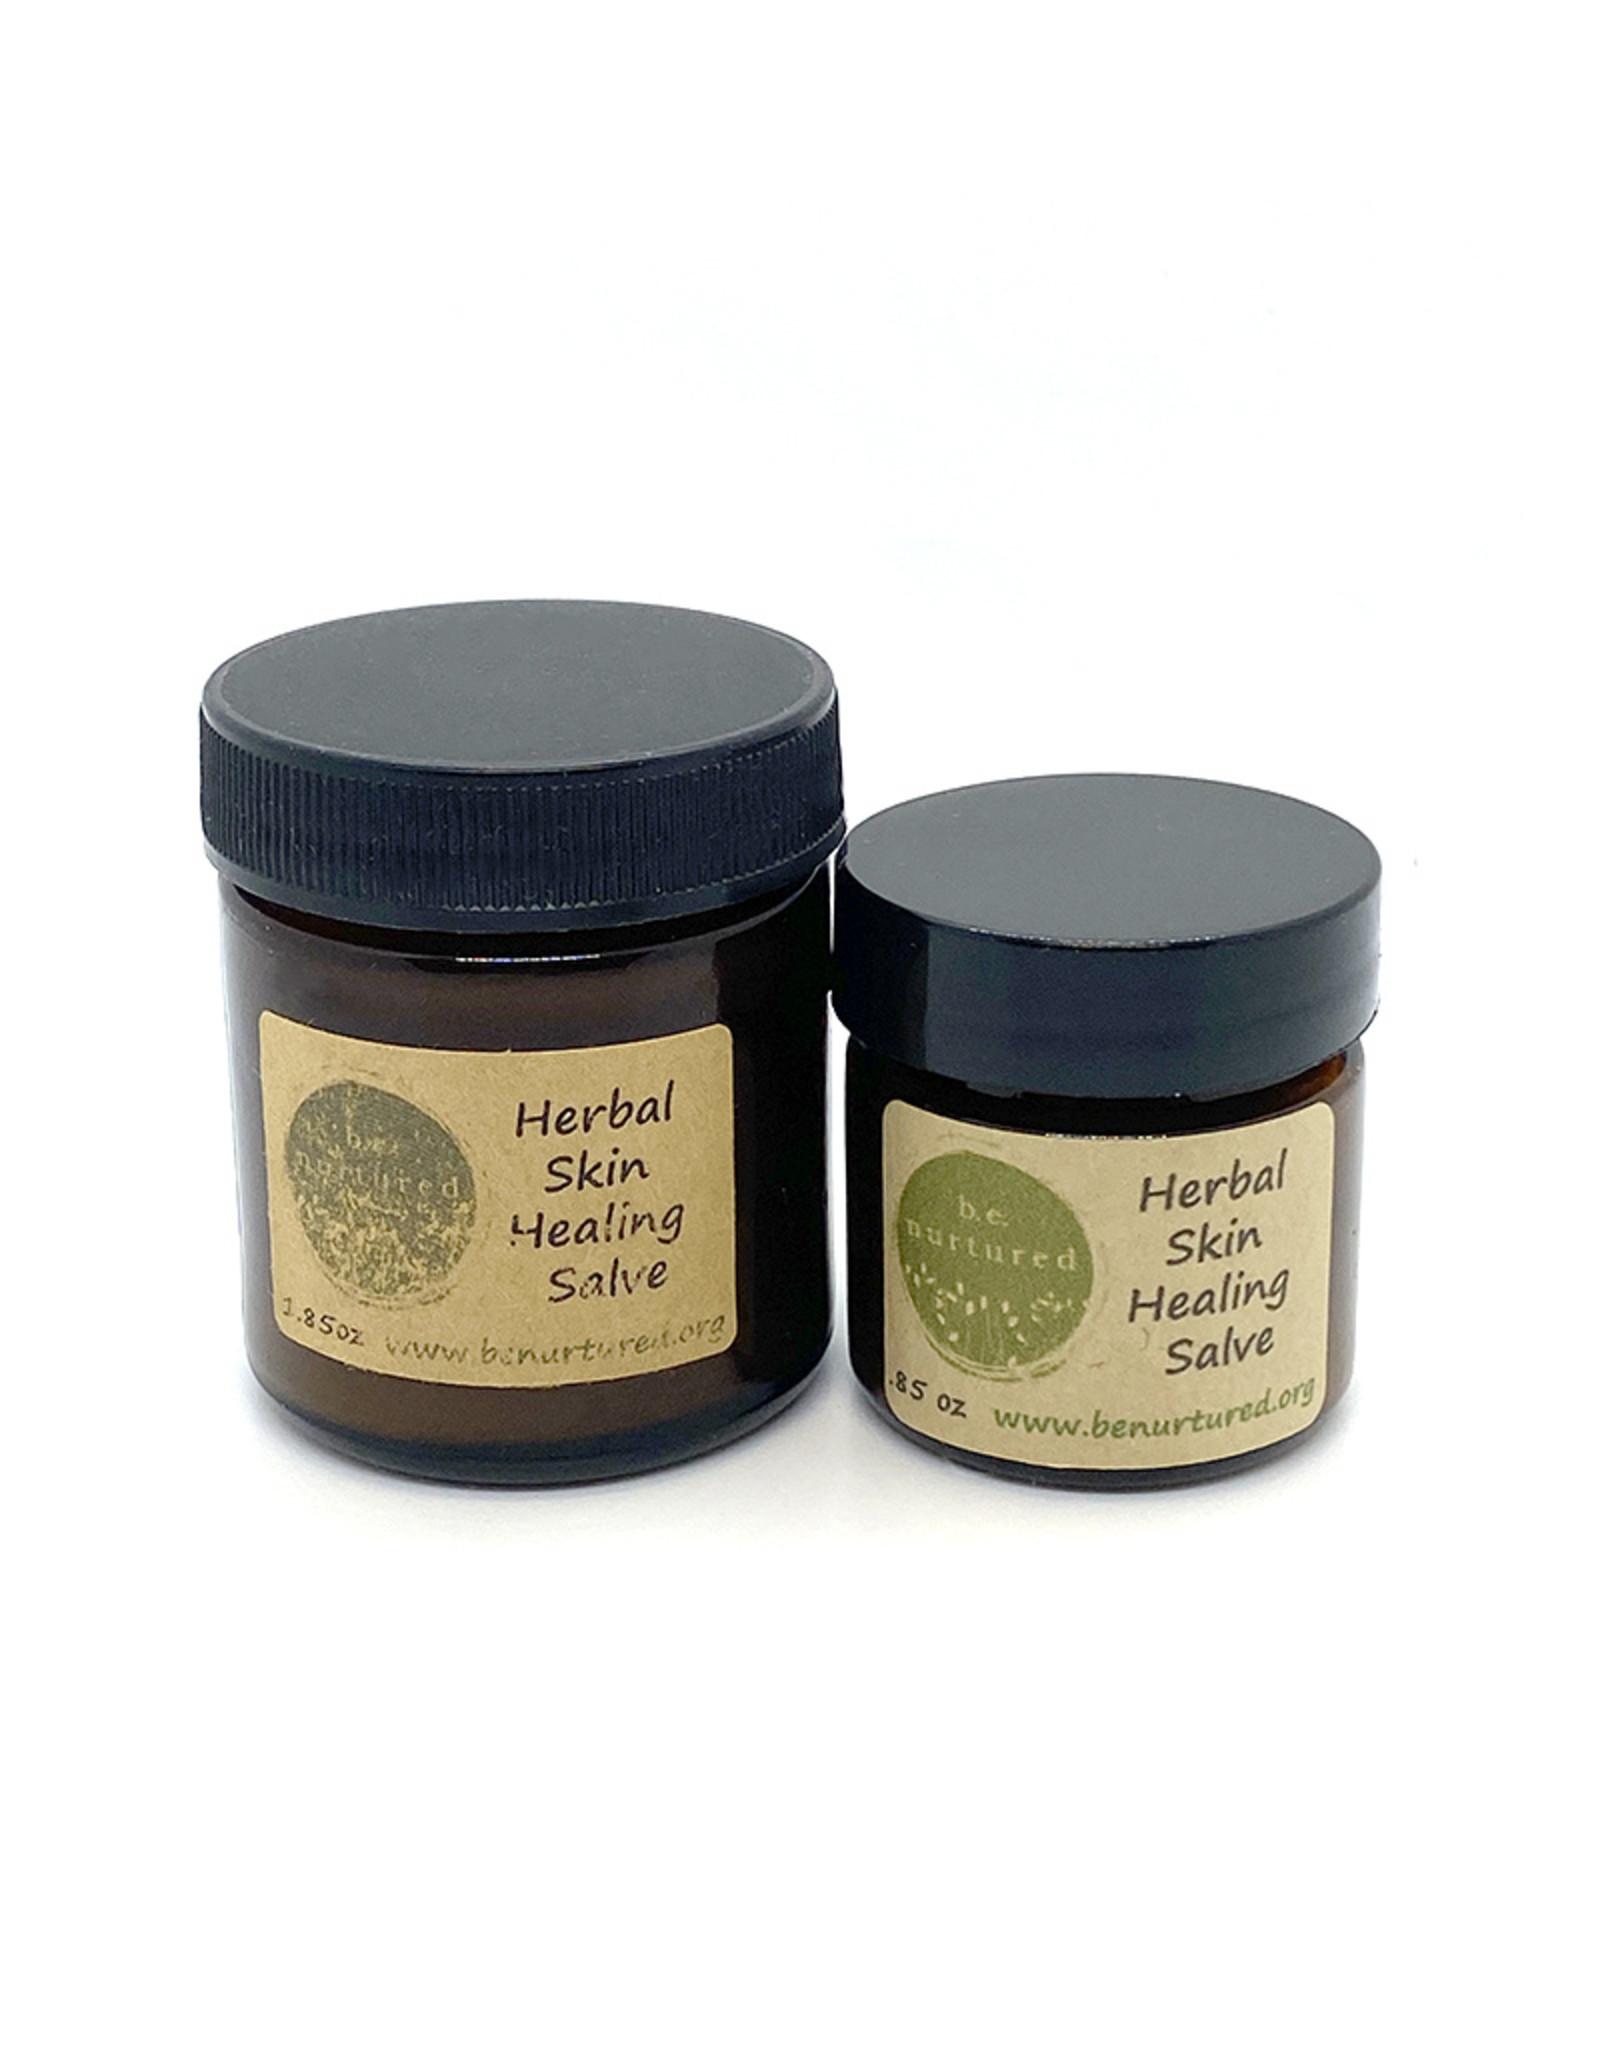 b.e. nurtured Herbal Skin Healing Salve by b.e. nurtured // 2 oz.